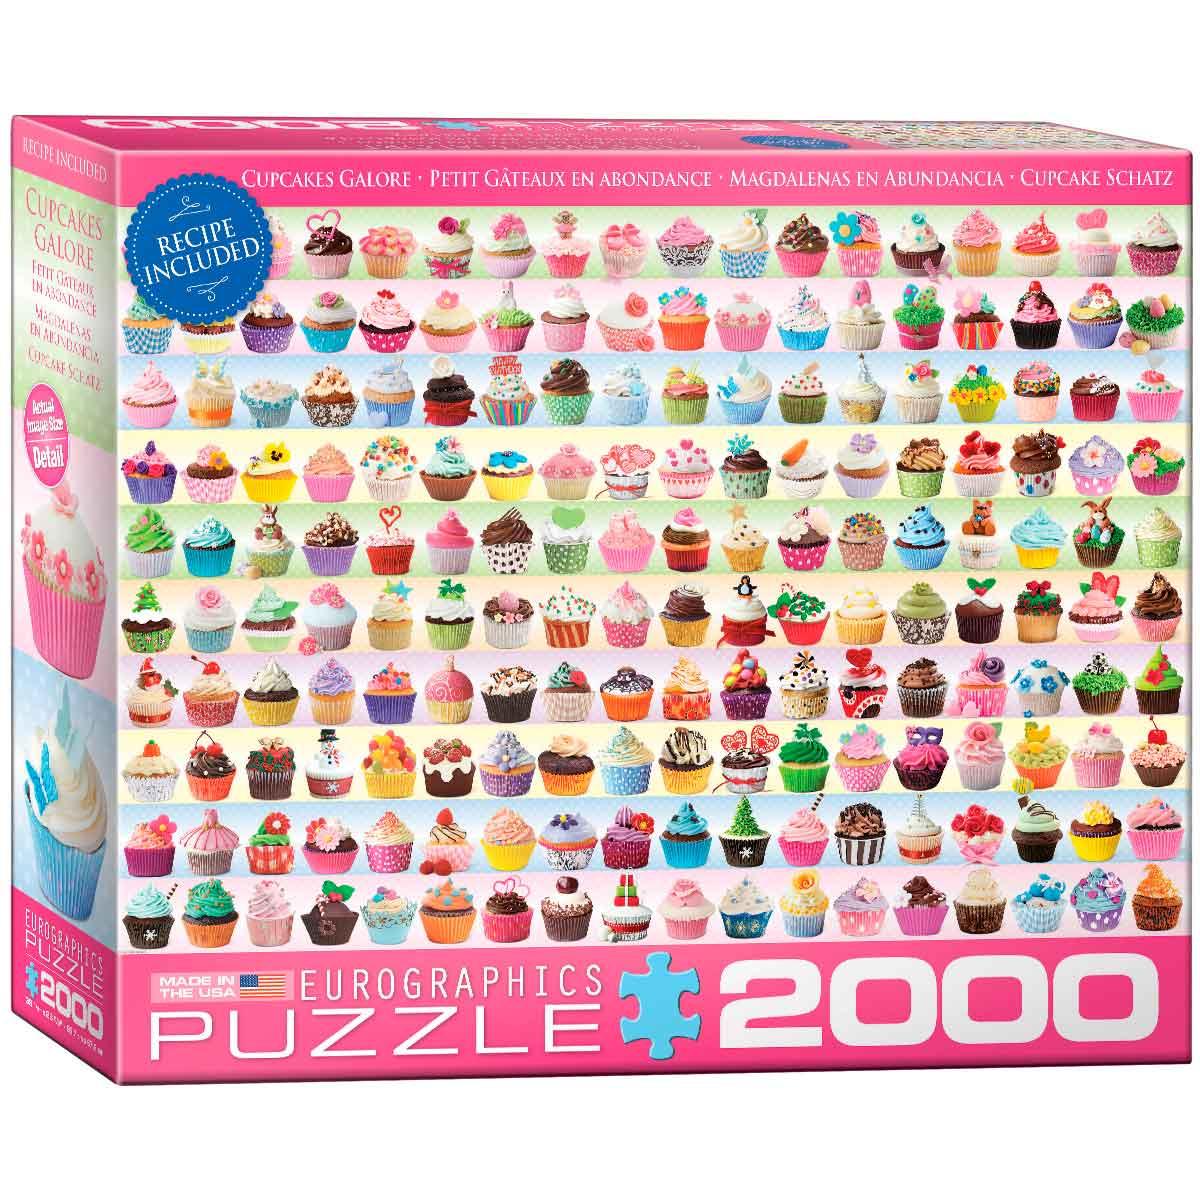 Puzzle Eurographics Magdalenas en Abundancia de 2000 Piezas